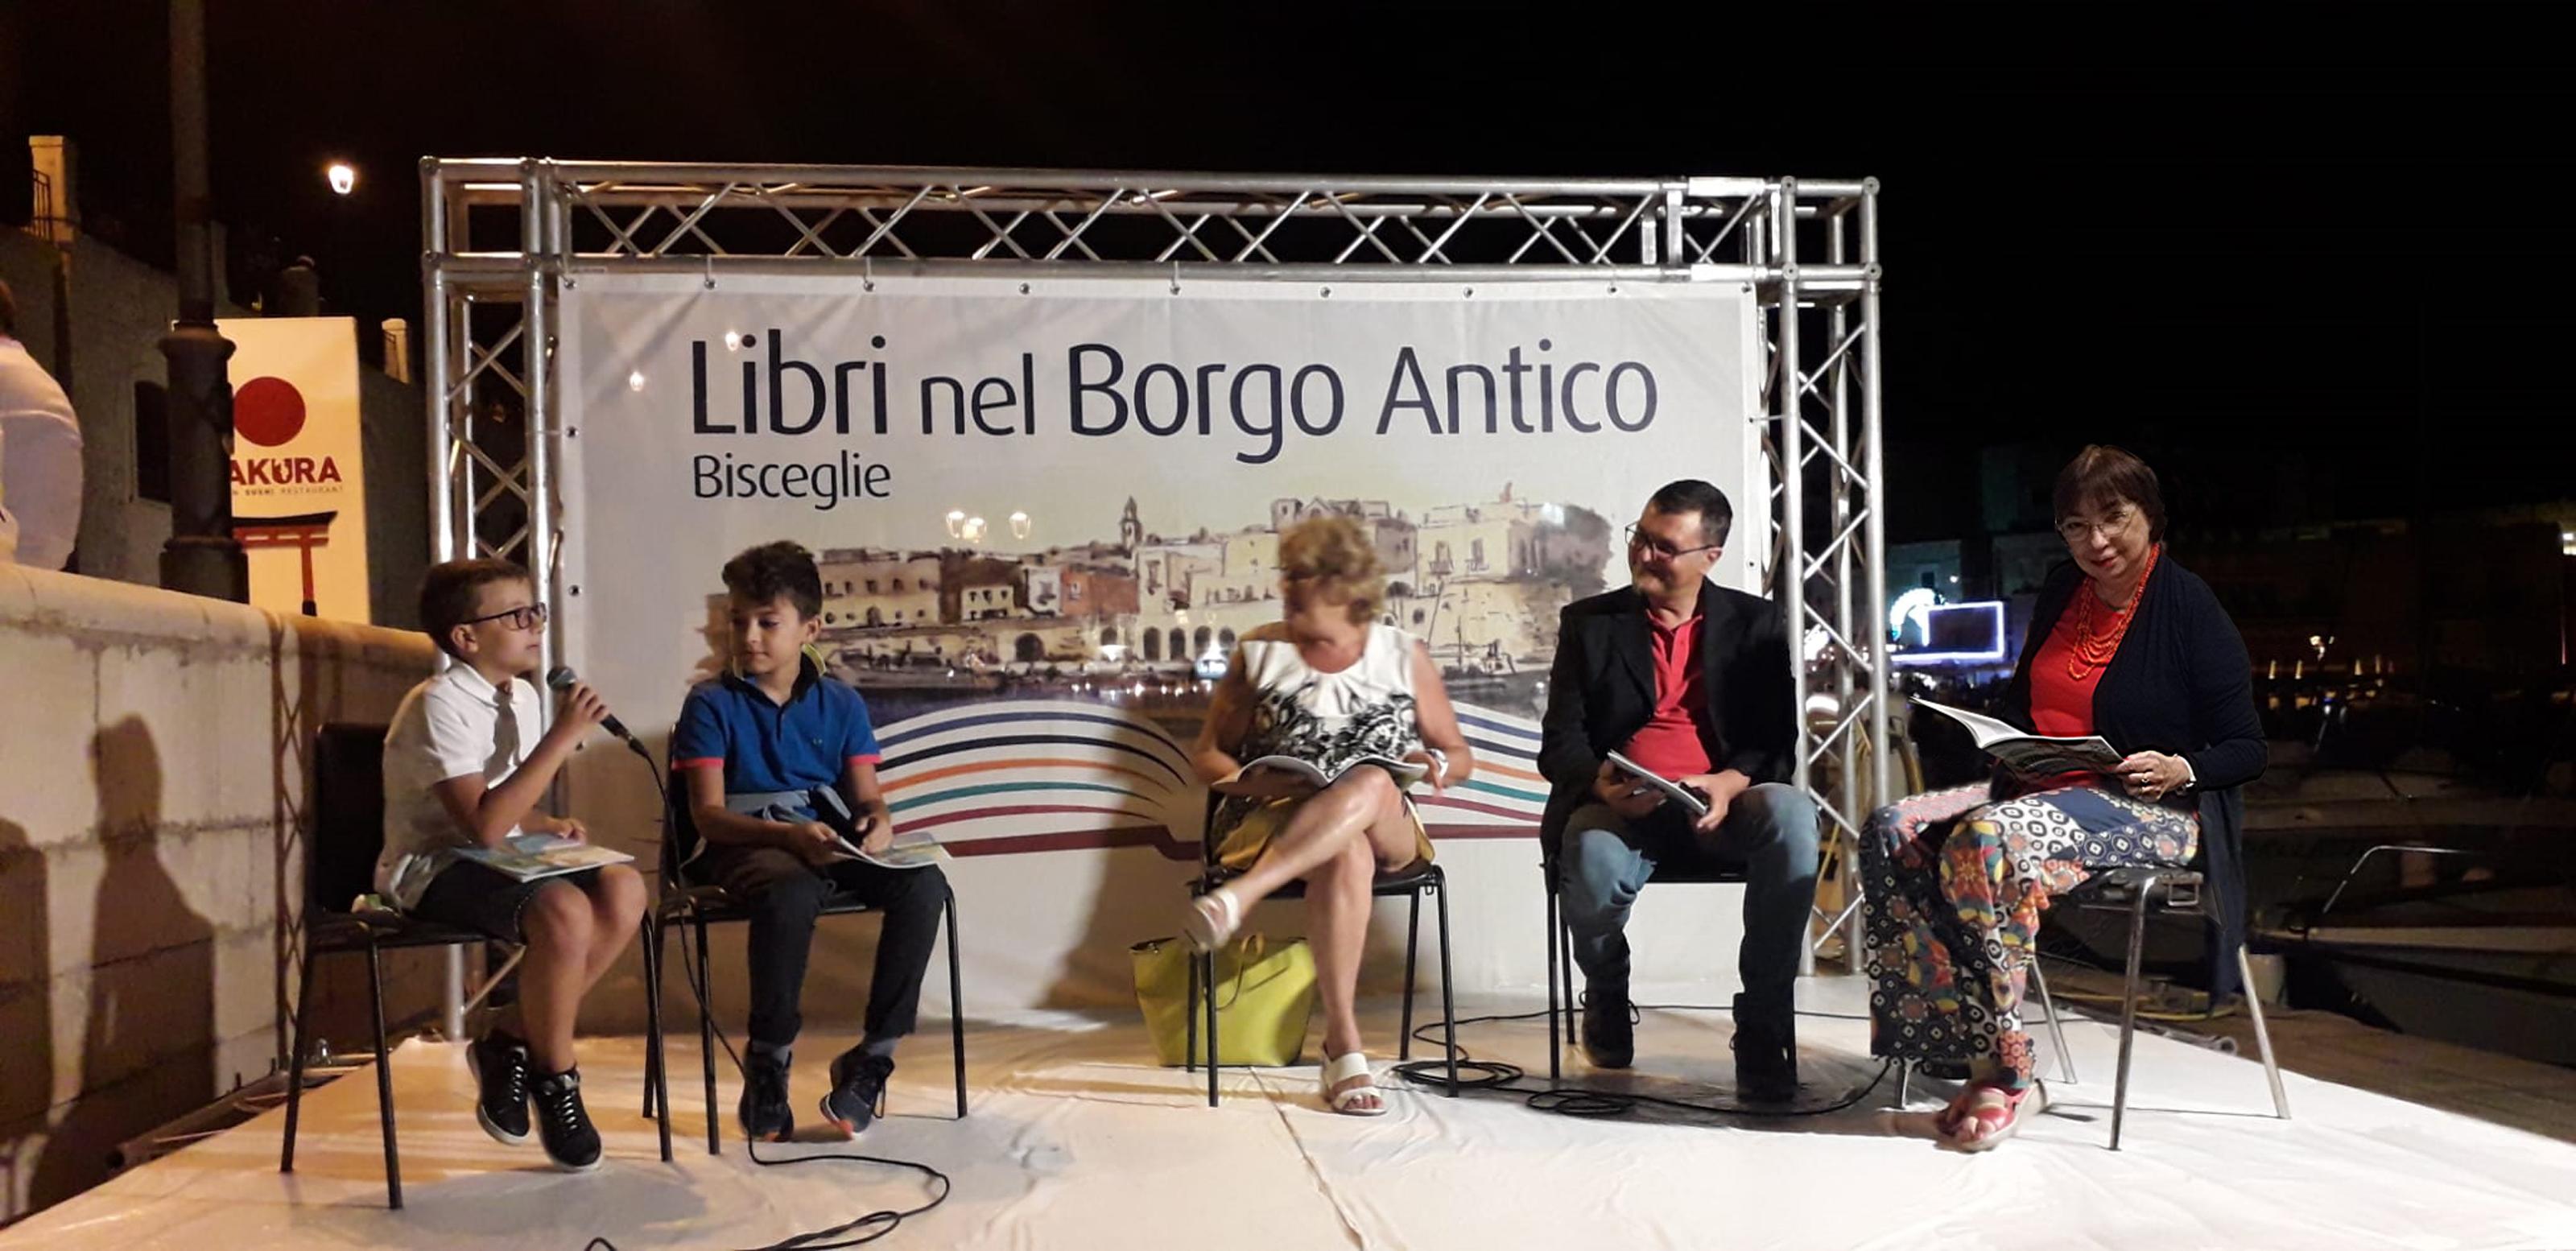 Educazione di qualità a Libri nel Borgo Antico. Il club per l'UNESCO di bisceglie ha proposto l'Autore Antonello Fiore